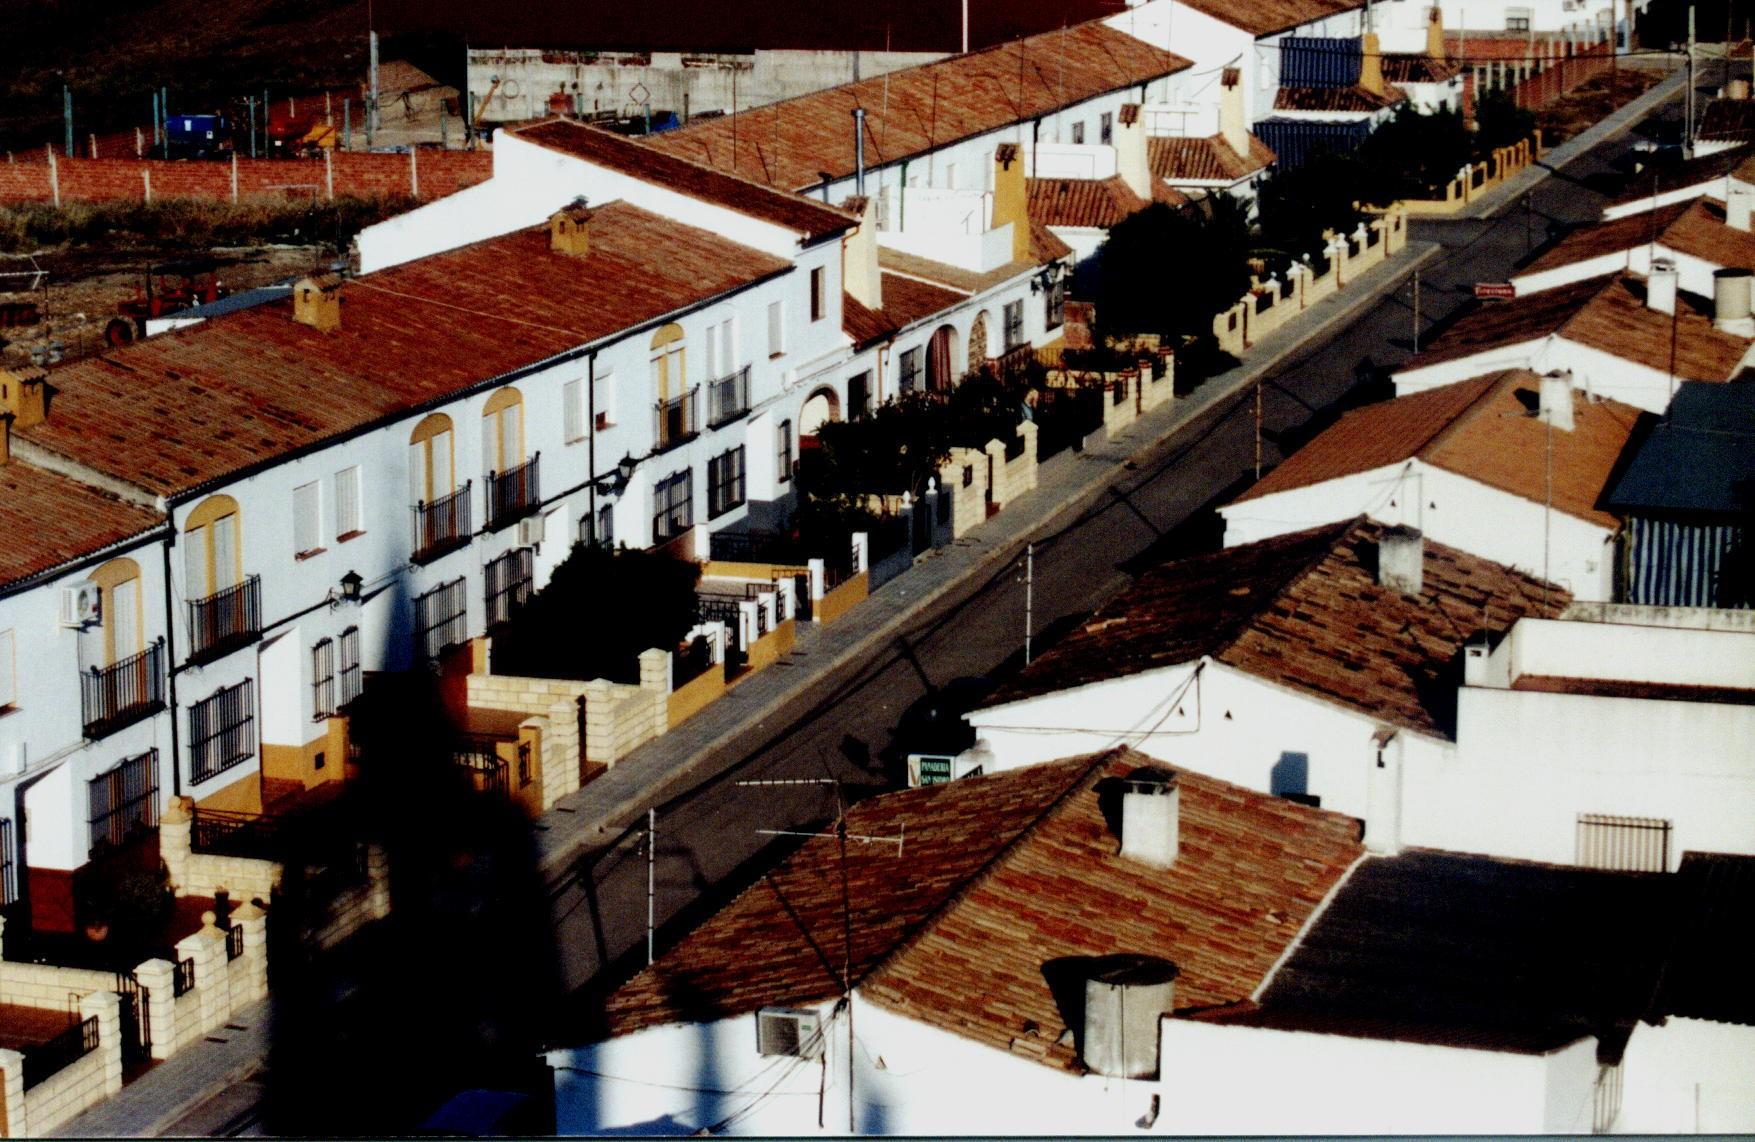 La Montiela Barriada San Jose Obrero 2ª fase 1